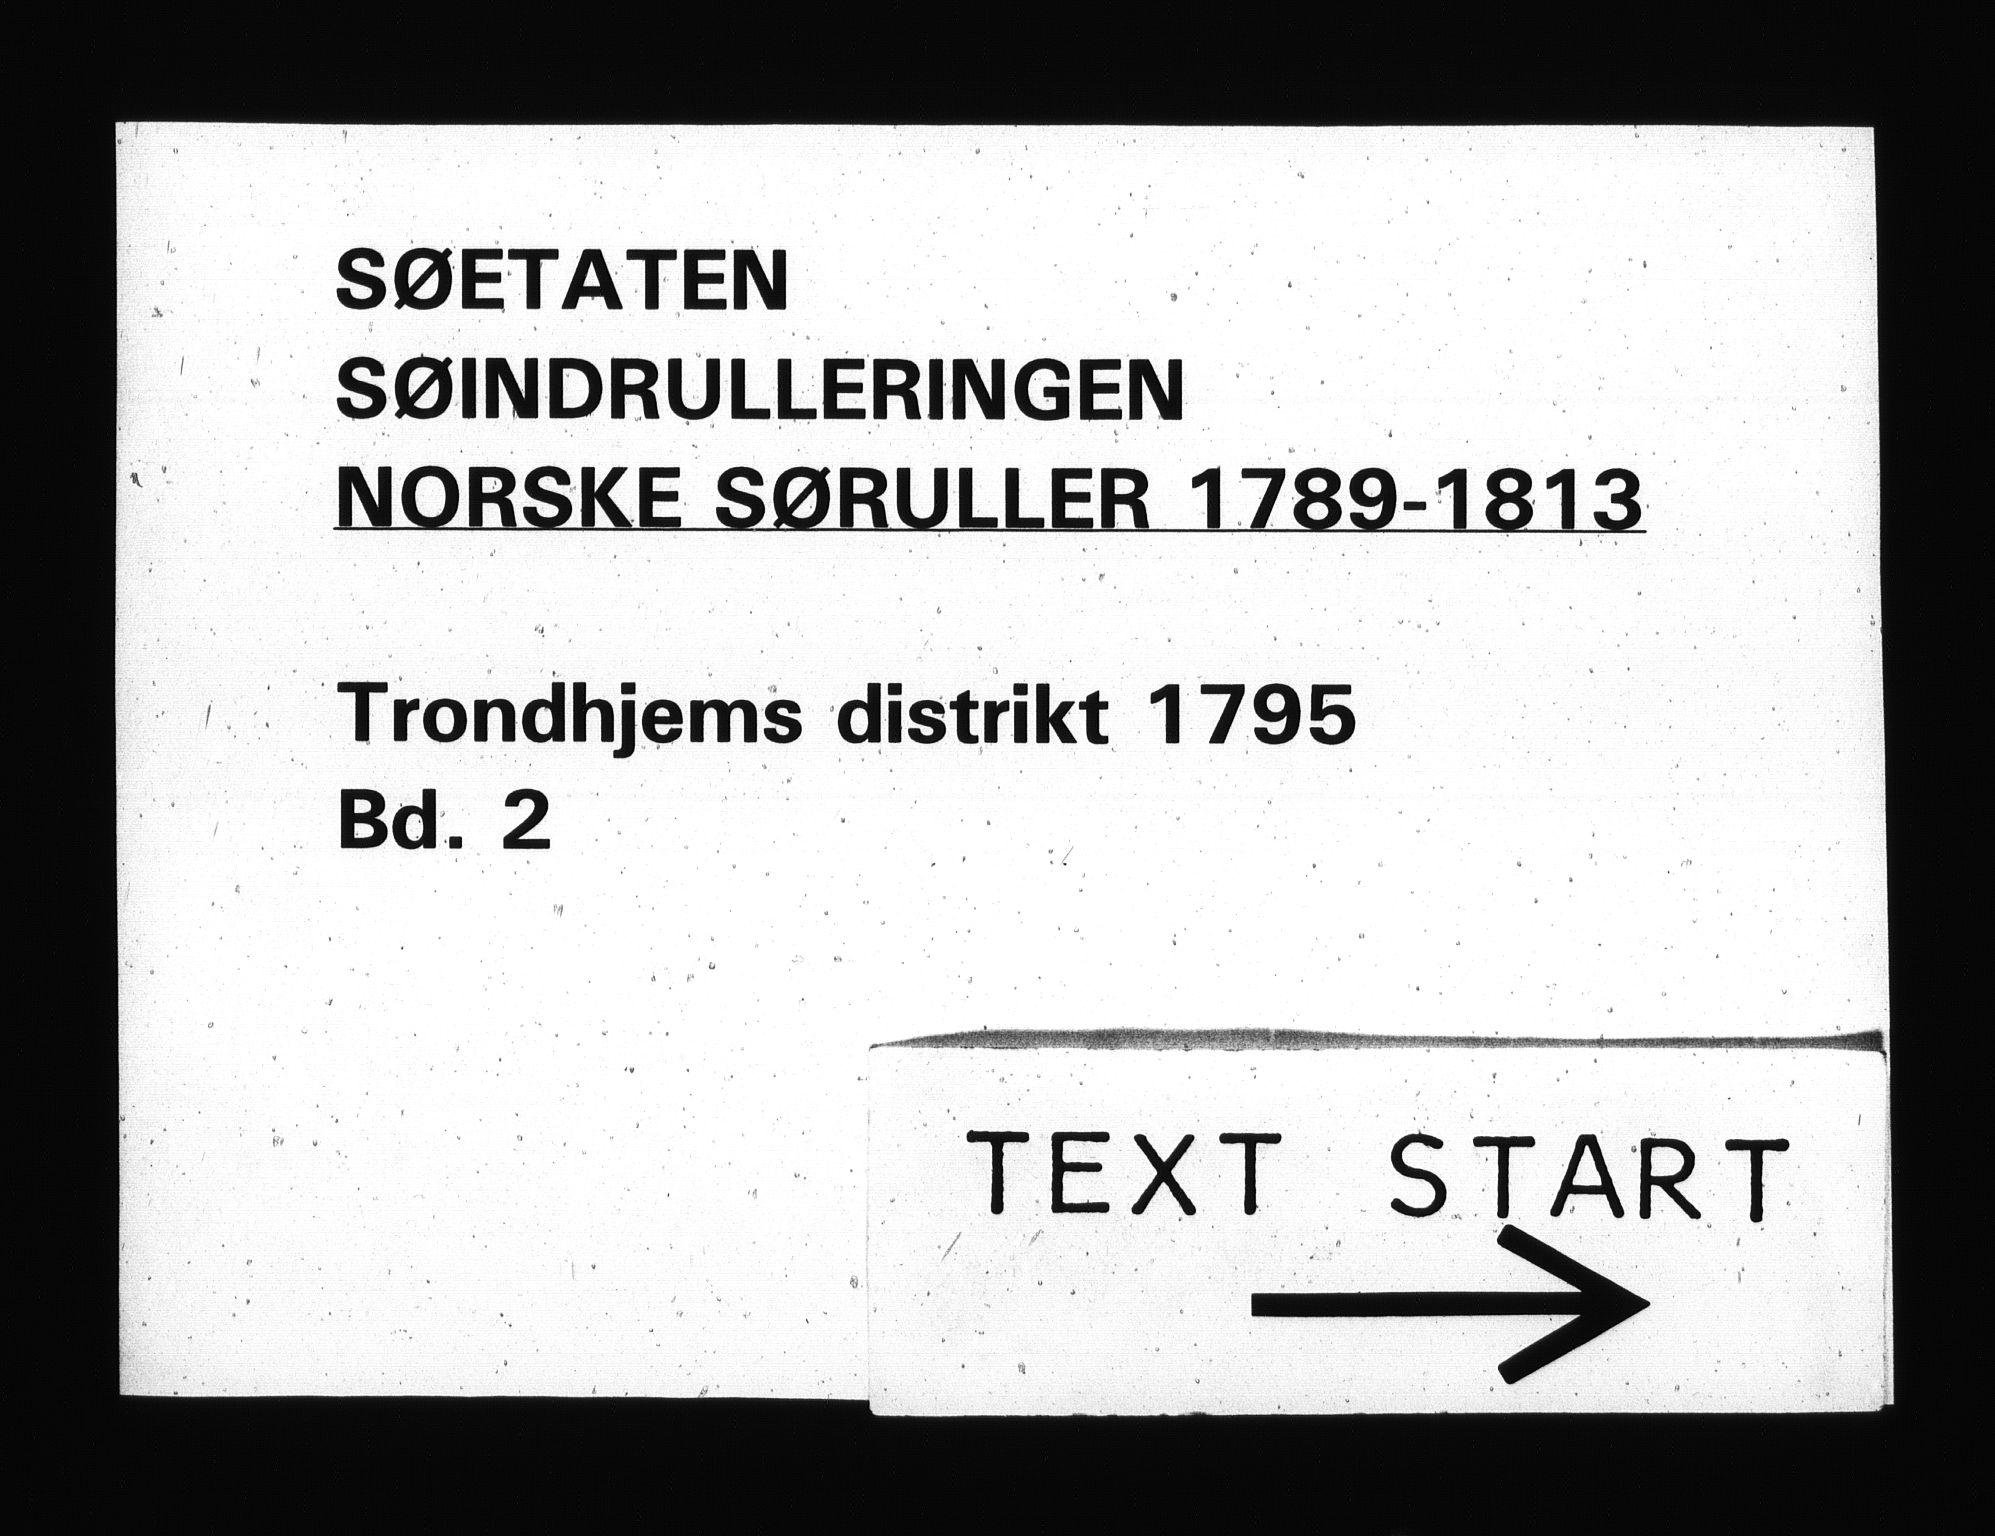 RA, Sjøetaten, F/L0311: Trondheim distrikt, bind 2, 1795